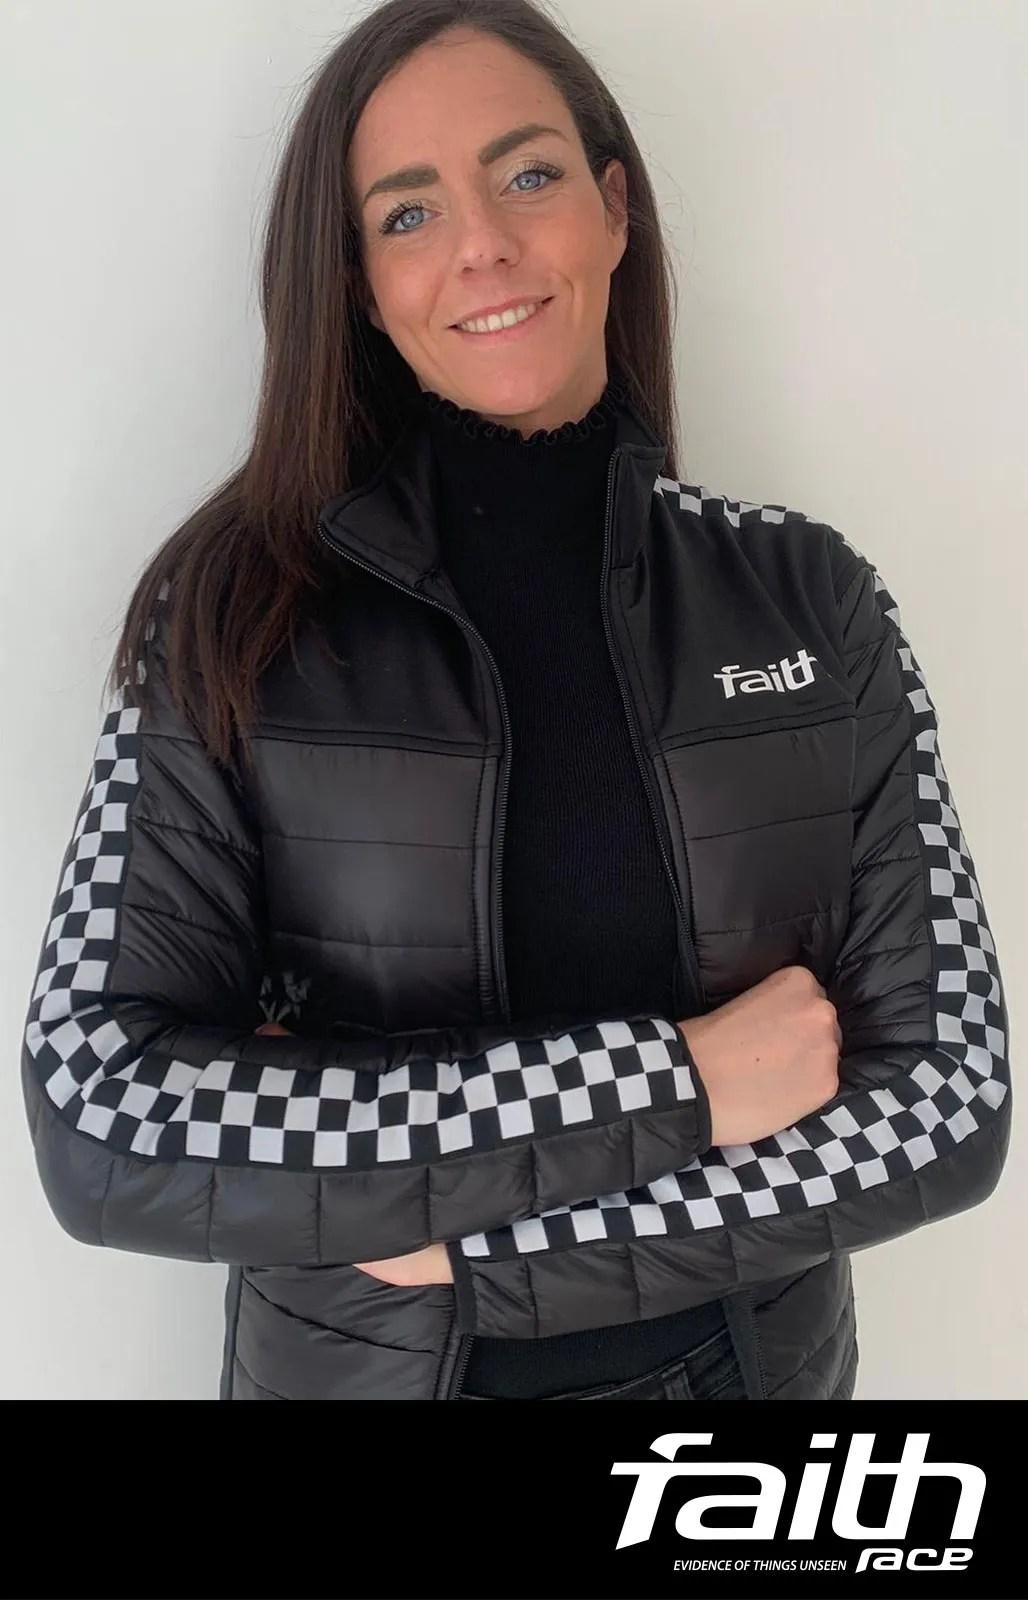 Faith Race Jacket